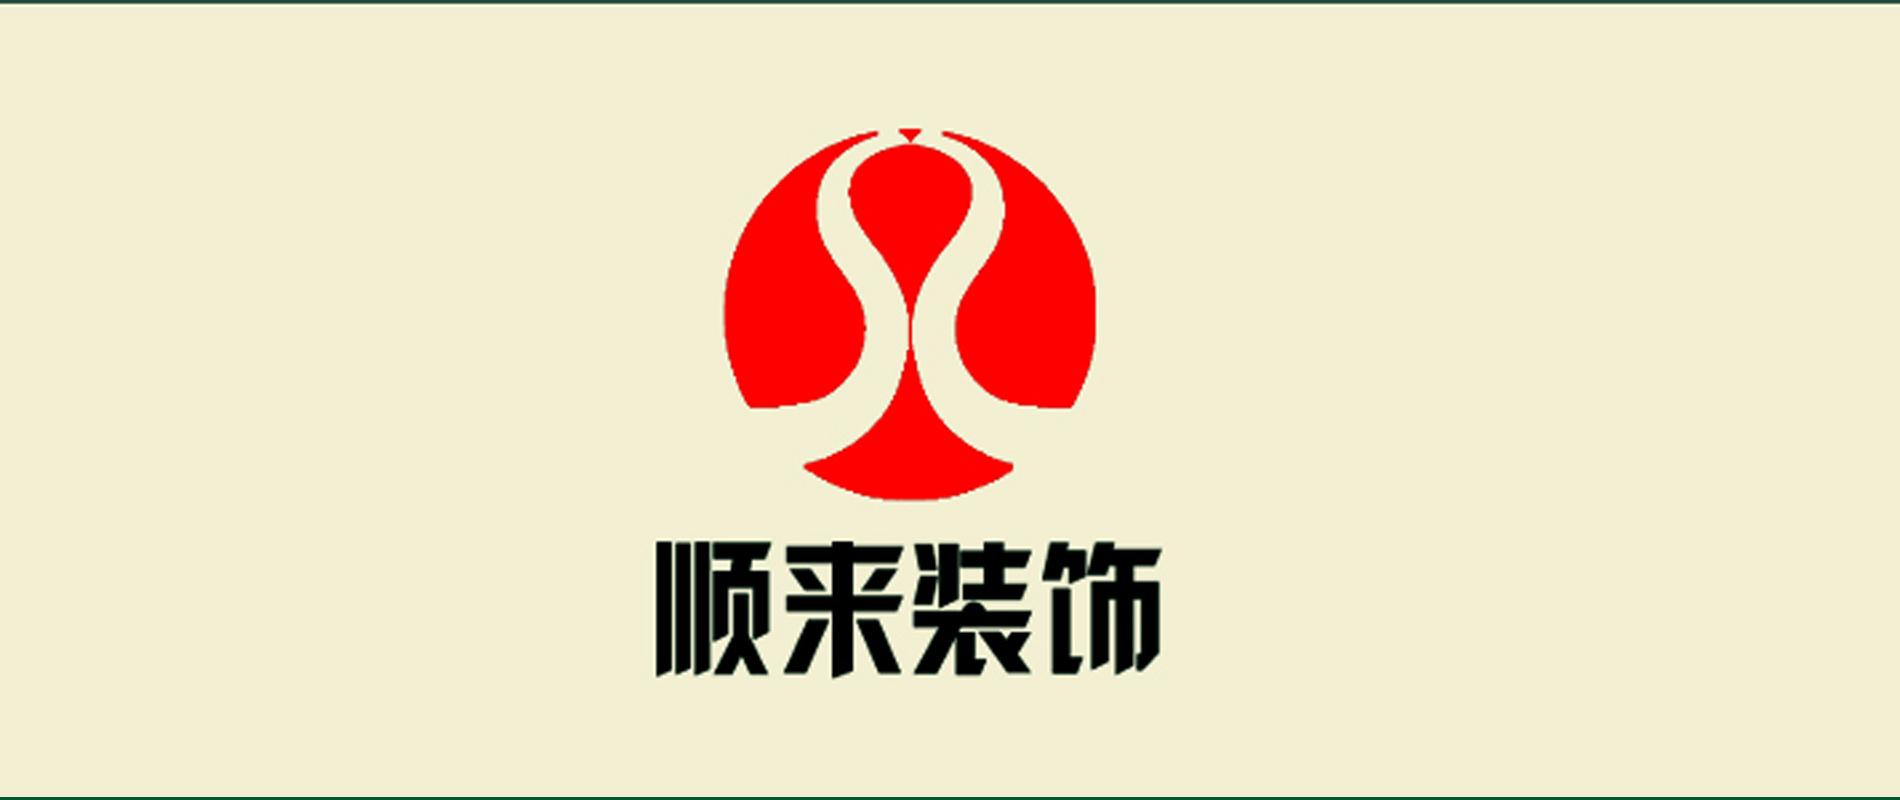 连云港顺来装饰工程有限公司